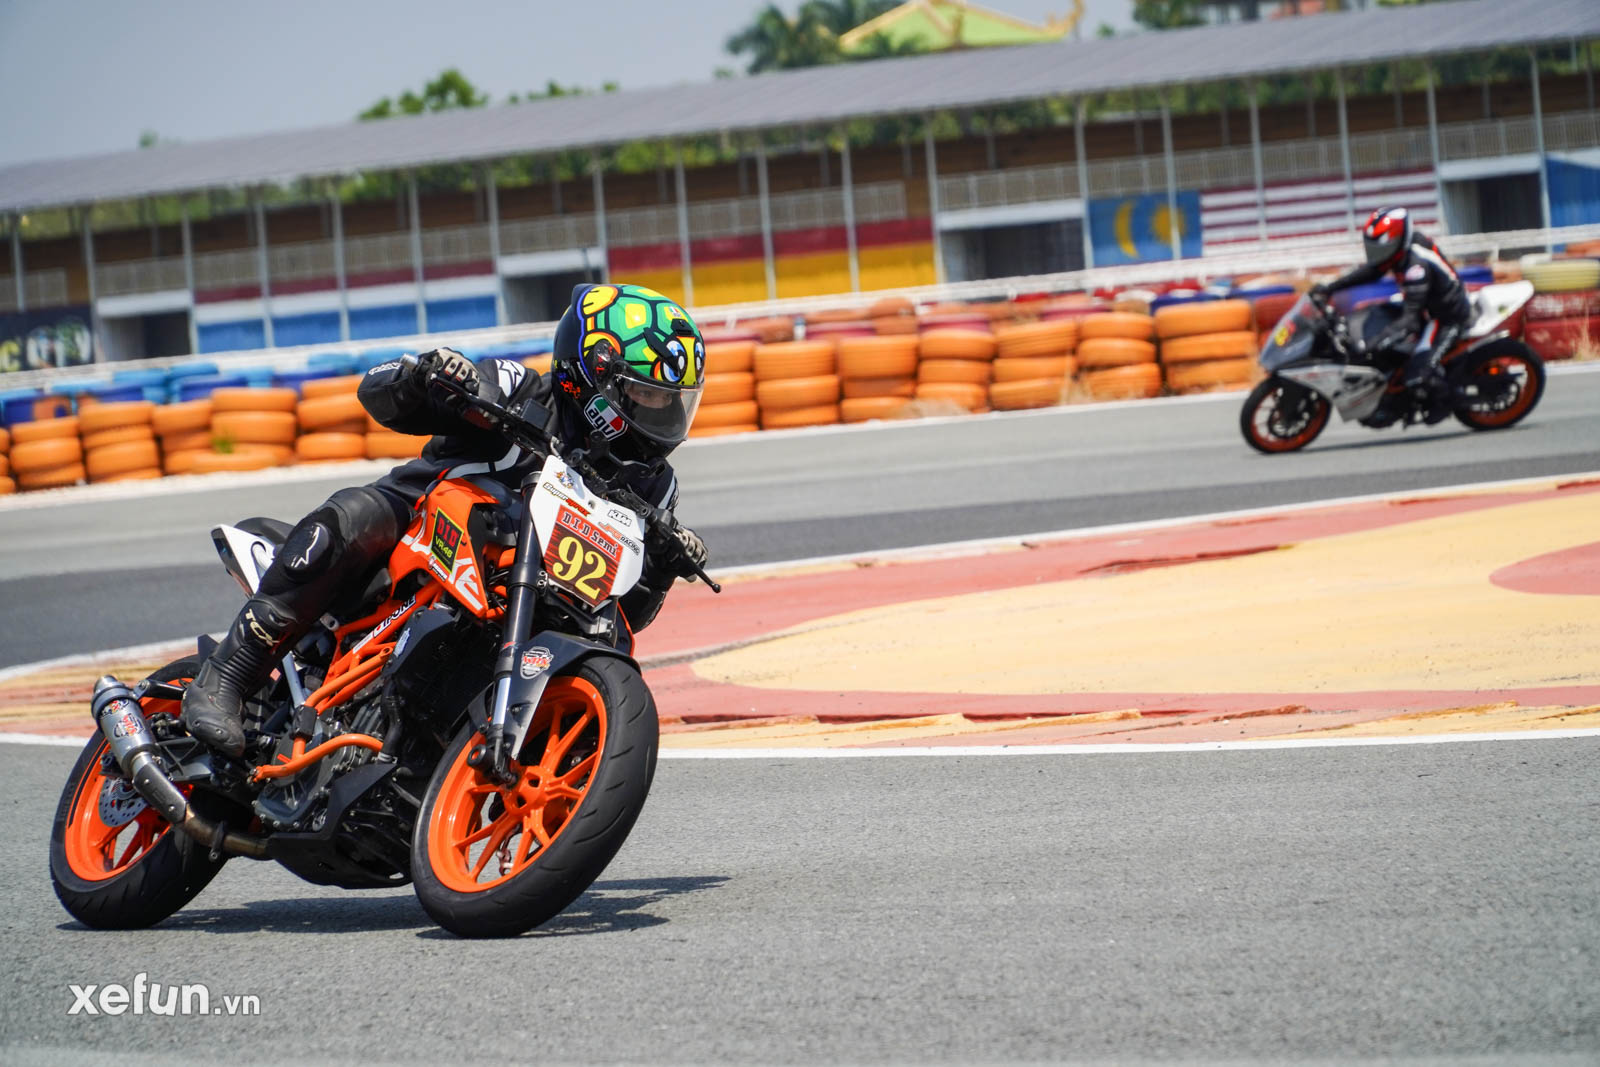 Mạch Quang Thông Reviewer tham gia giải đua 250cc 400cc DID Challenge Cup 2021 trên Xefun (14)43565